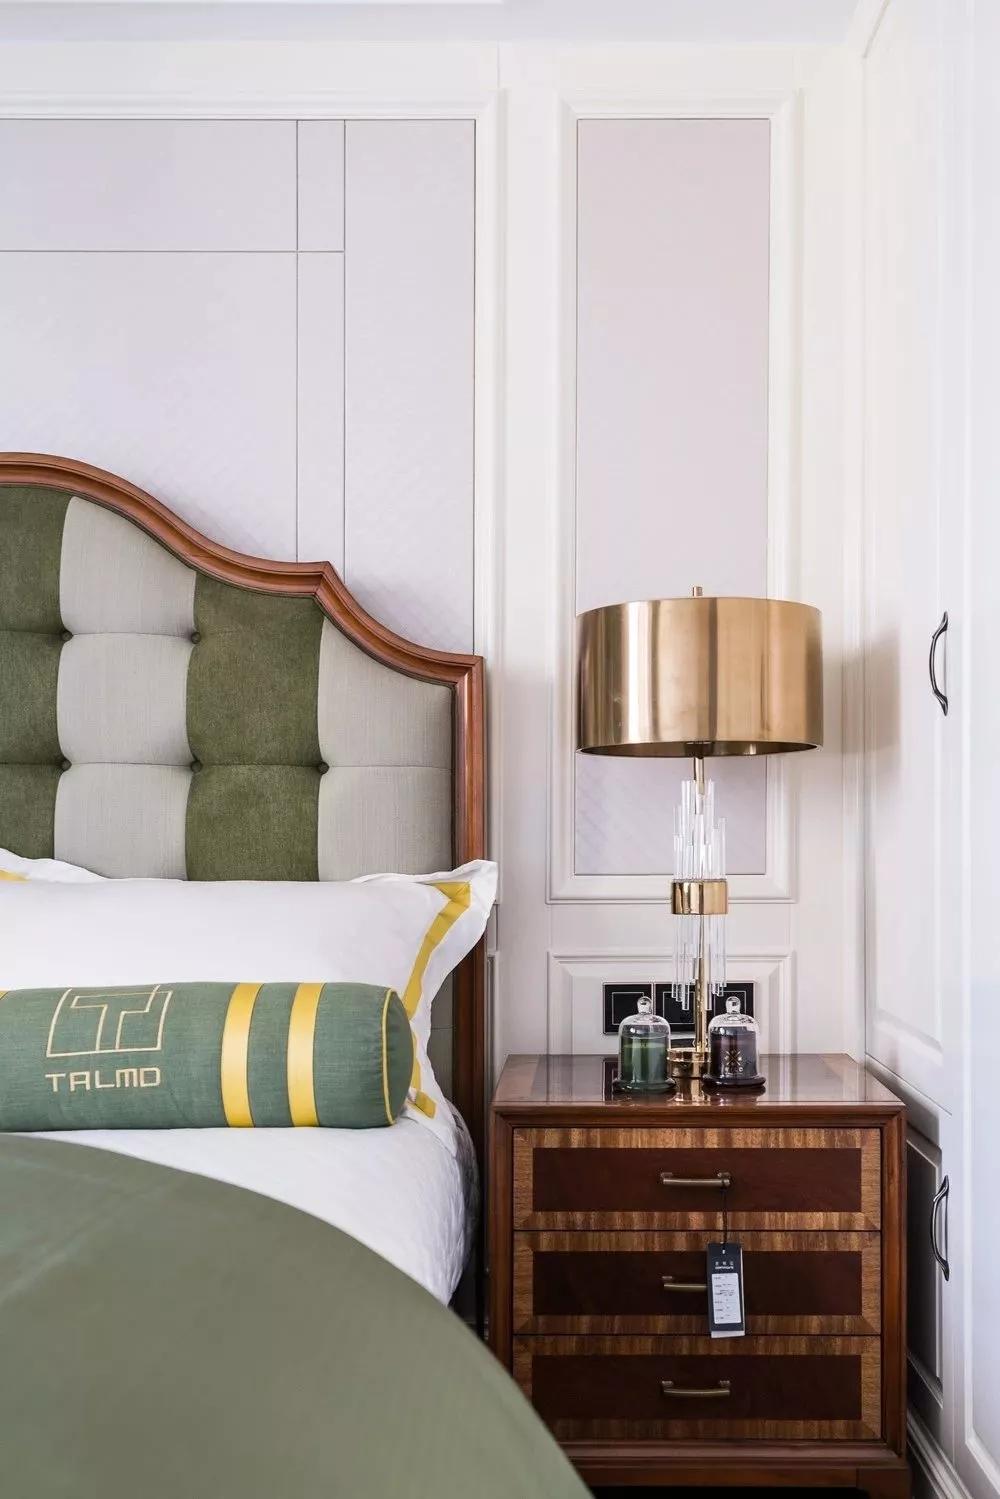 次卧选用绿白相间的床品,金色台灯非常有质感。